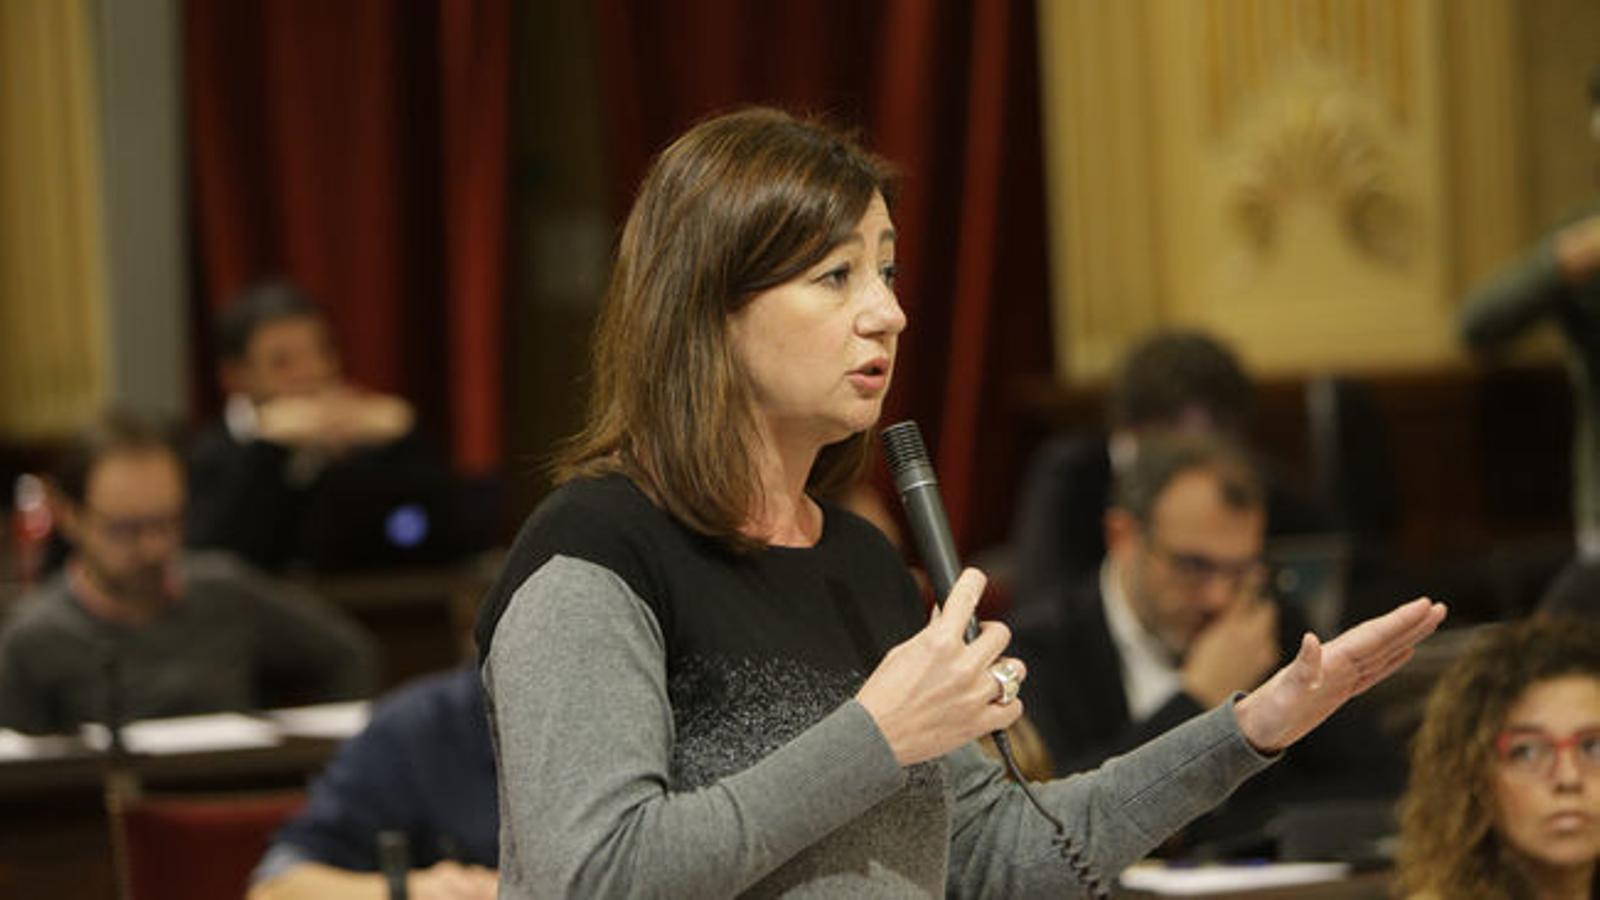 La presidenta, en una imatge d'arxiu, durant una intervenció parlamentària